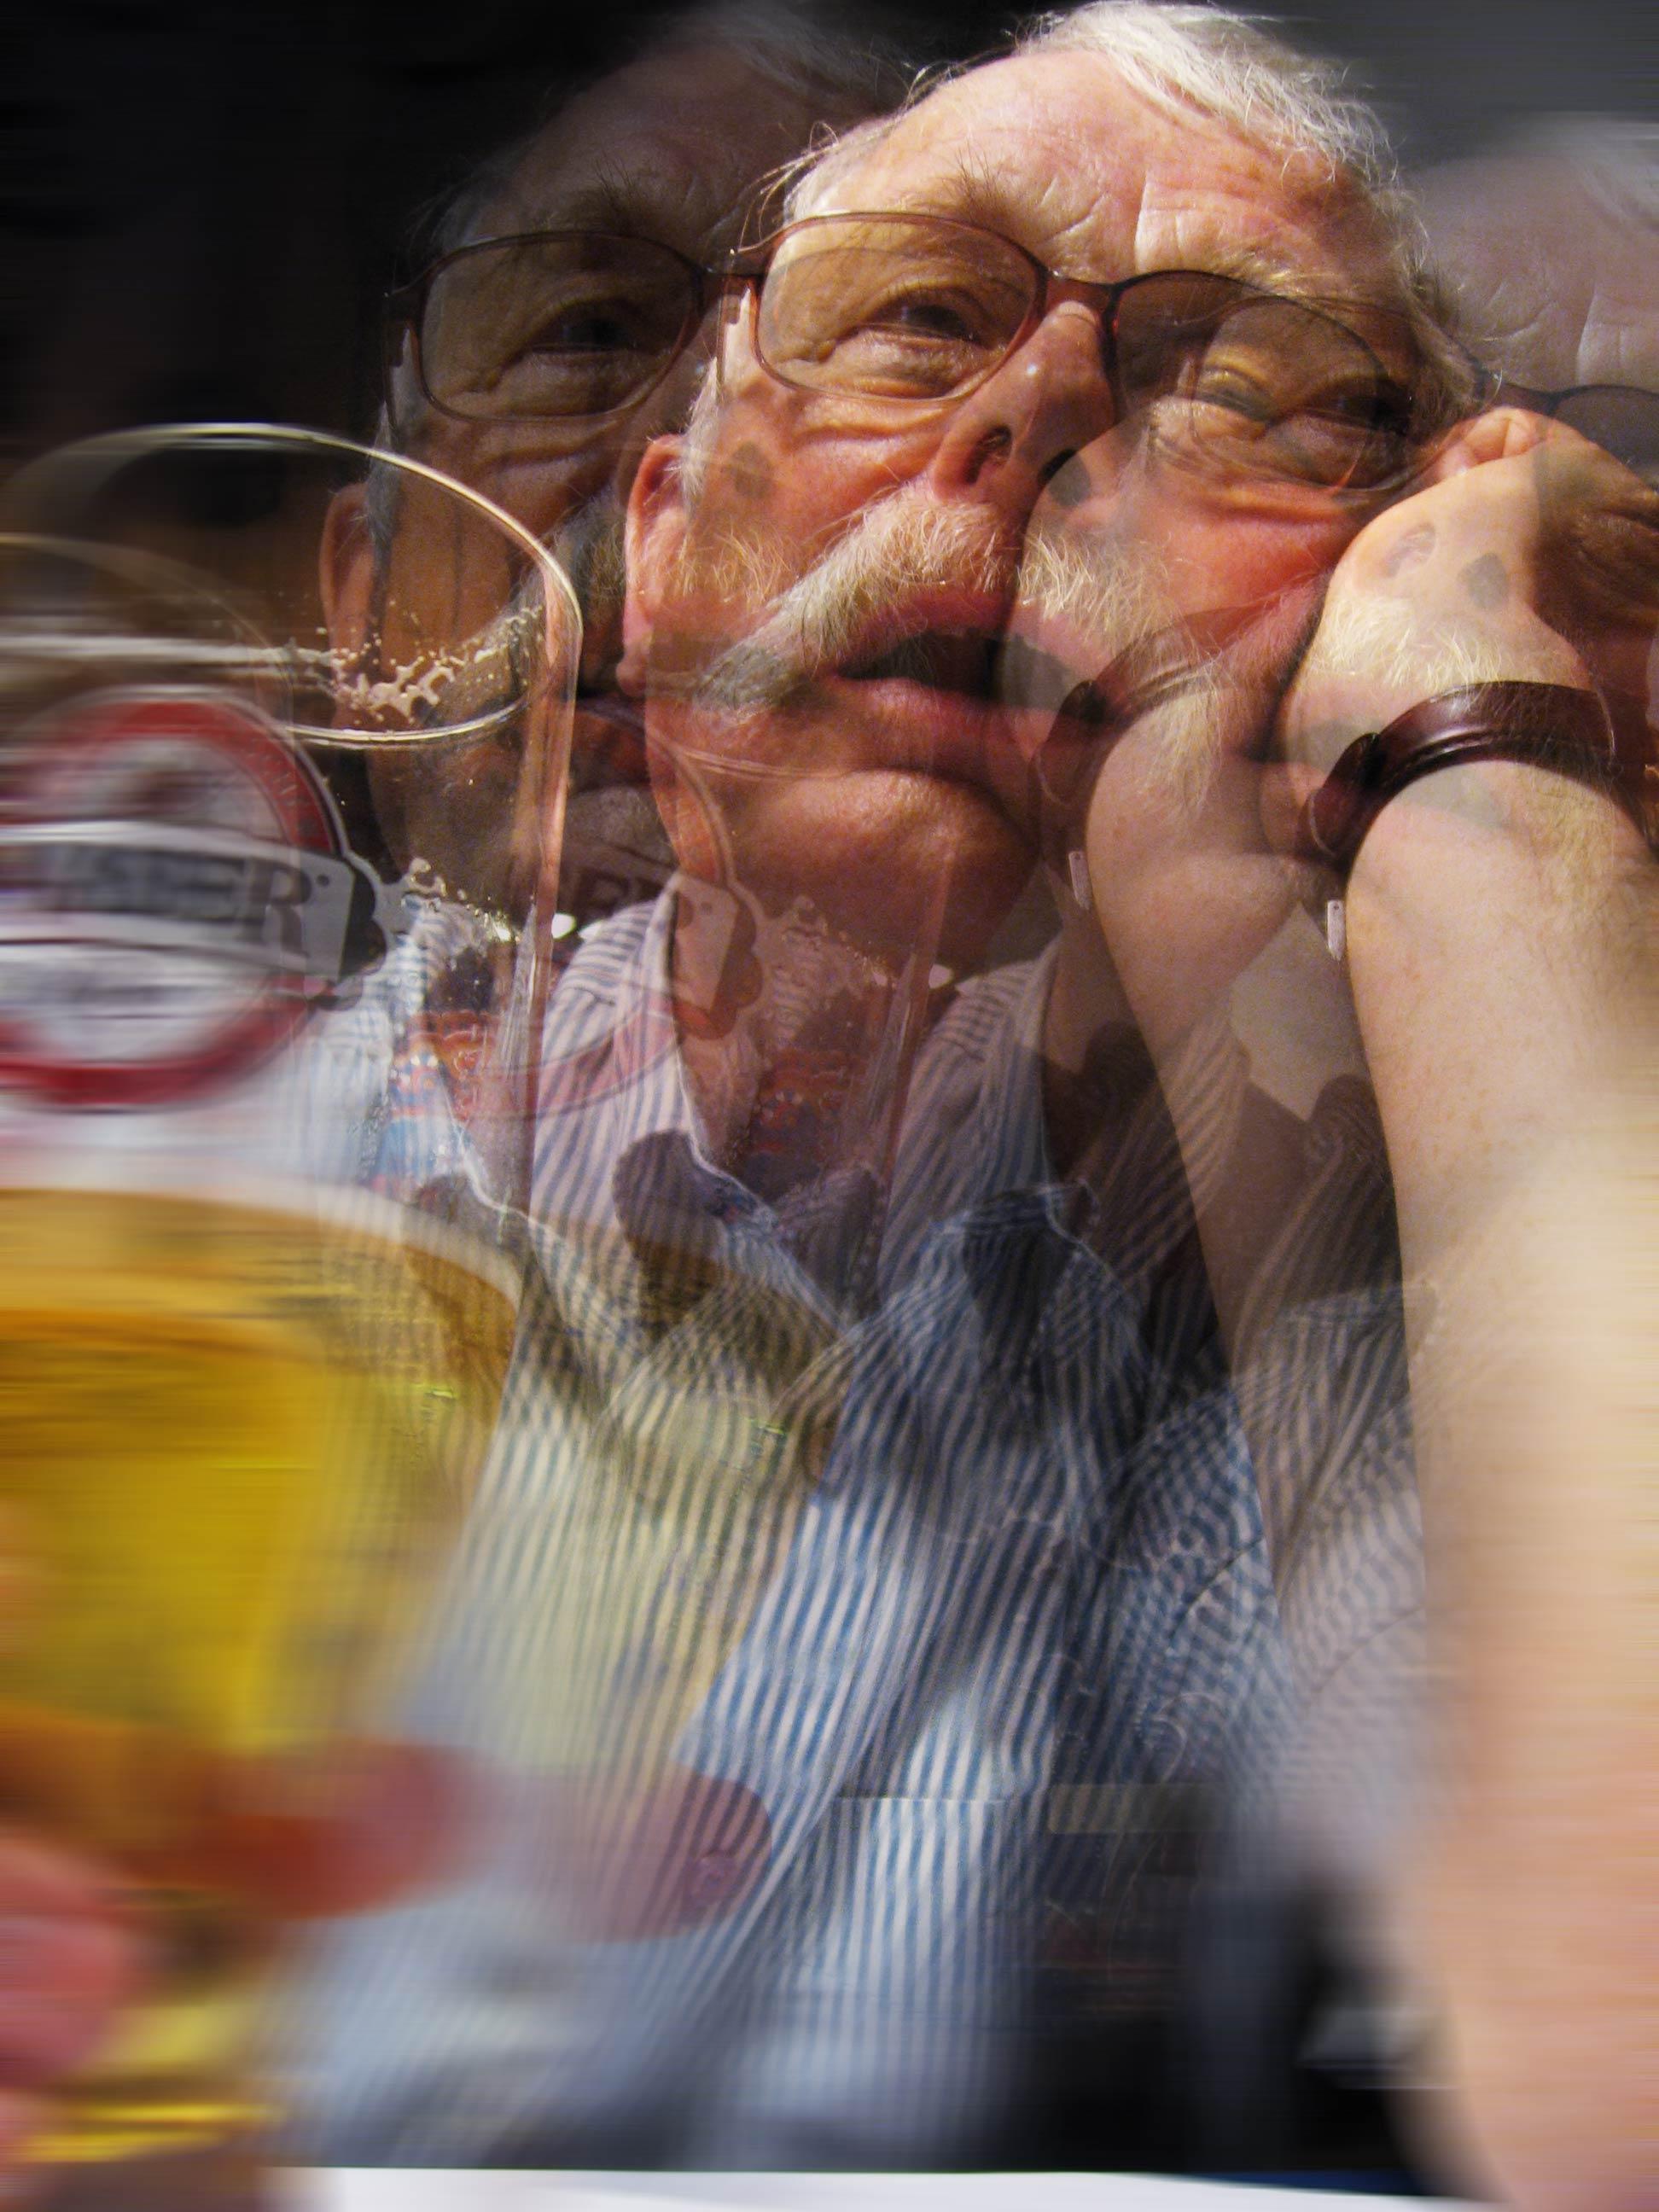 лечение от алкоголизма в зрелом возрасте